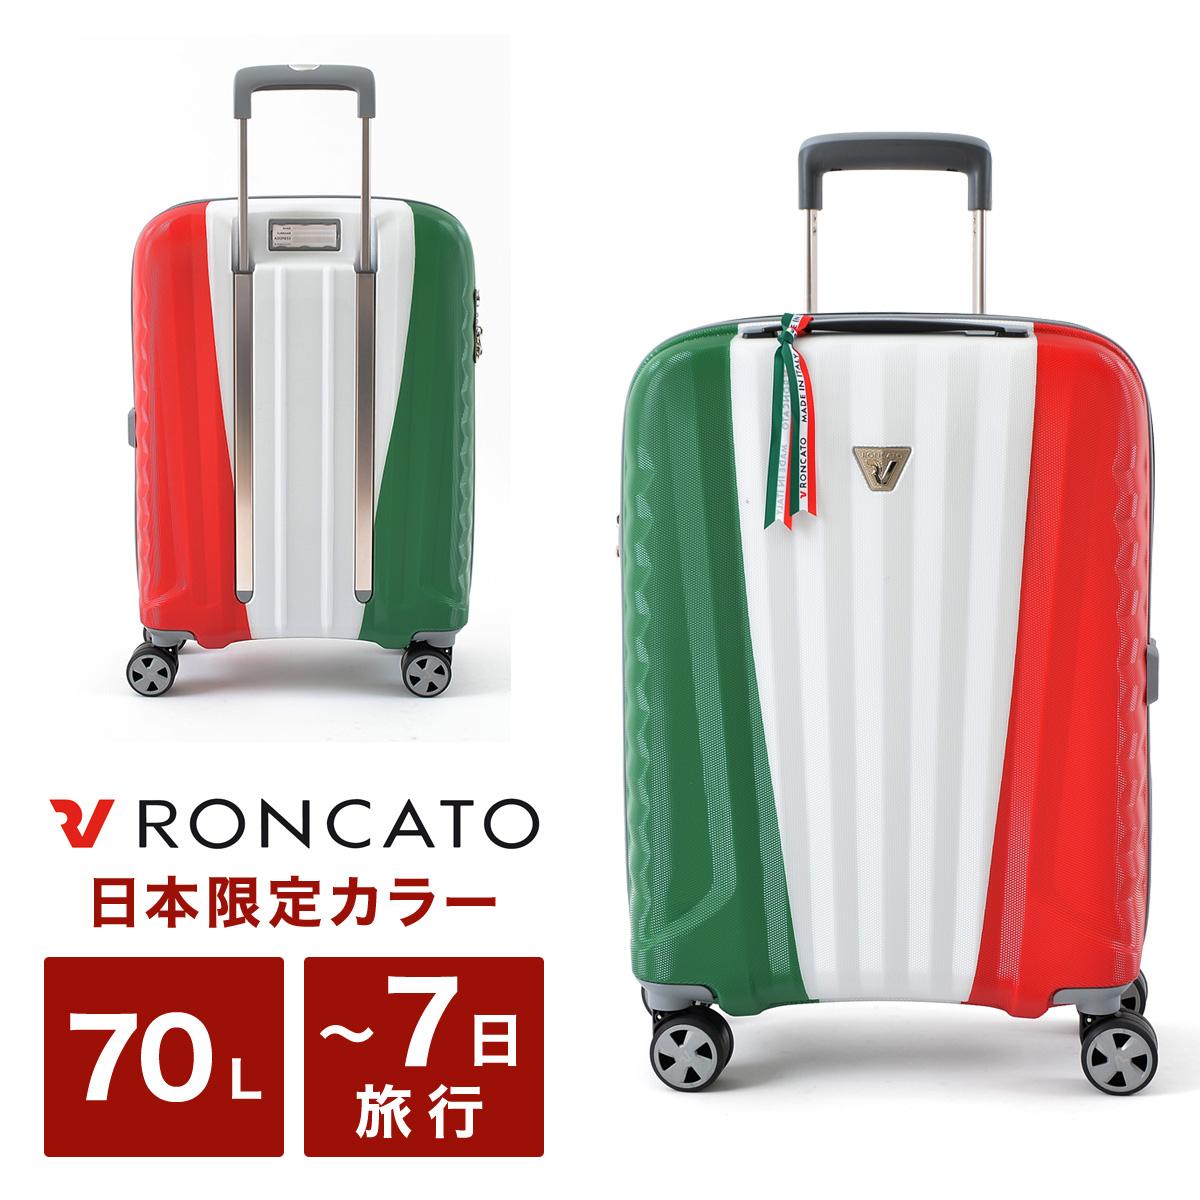 ロンカート スーツケース 70L 67cm 3.3kg ハード ファスナー 日本限定 イタリア製 プレミアムZSL トリコローレ 5465 RONCATO PREMIUM ZSL Tricolore キャリーケース 軽量 TSAロック搭載 10年保証